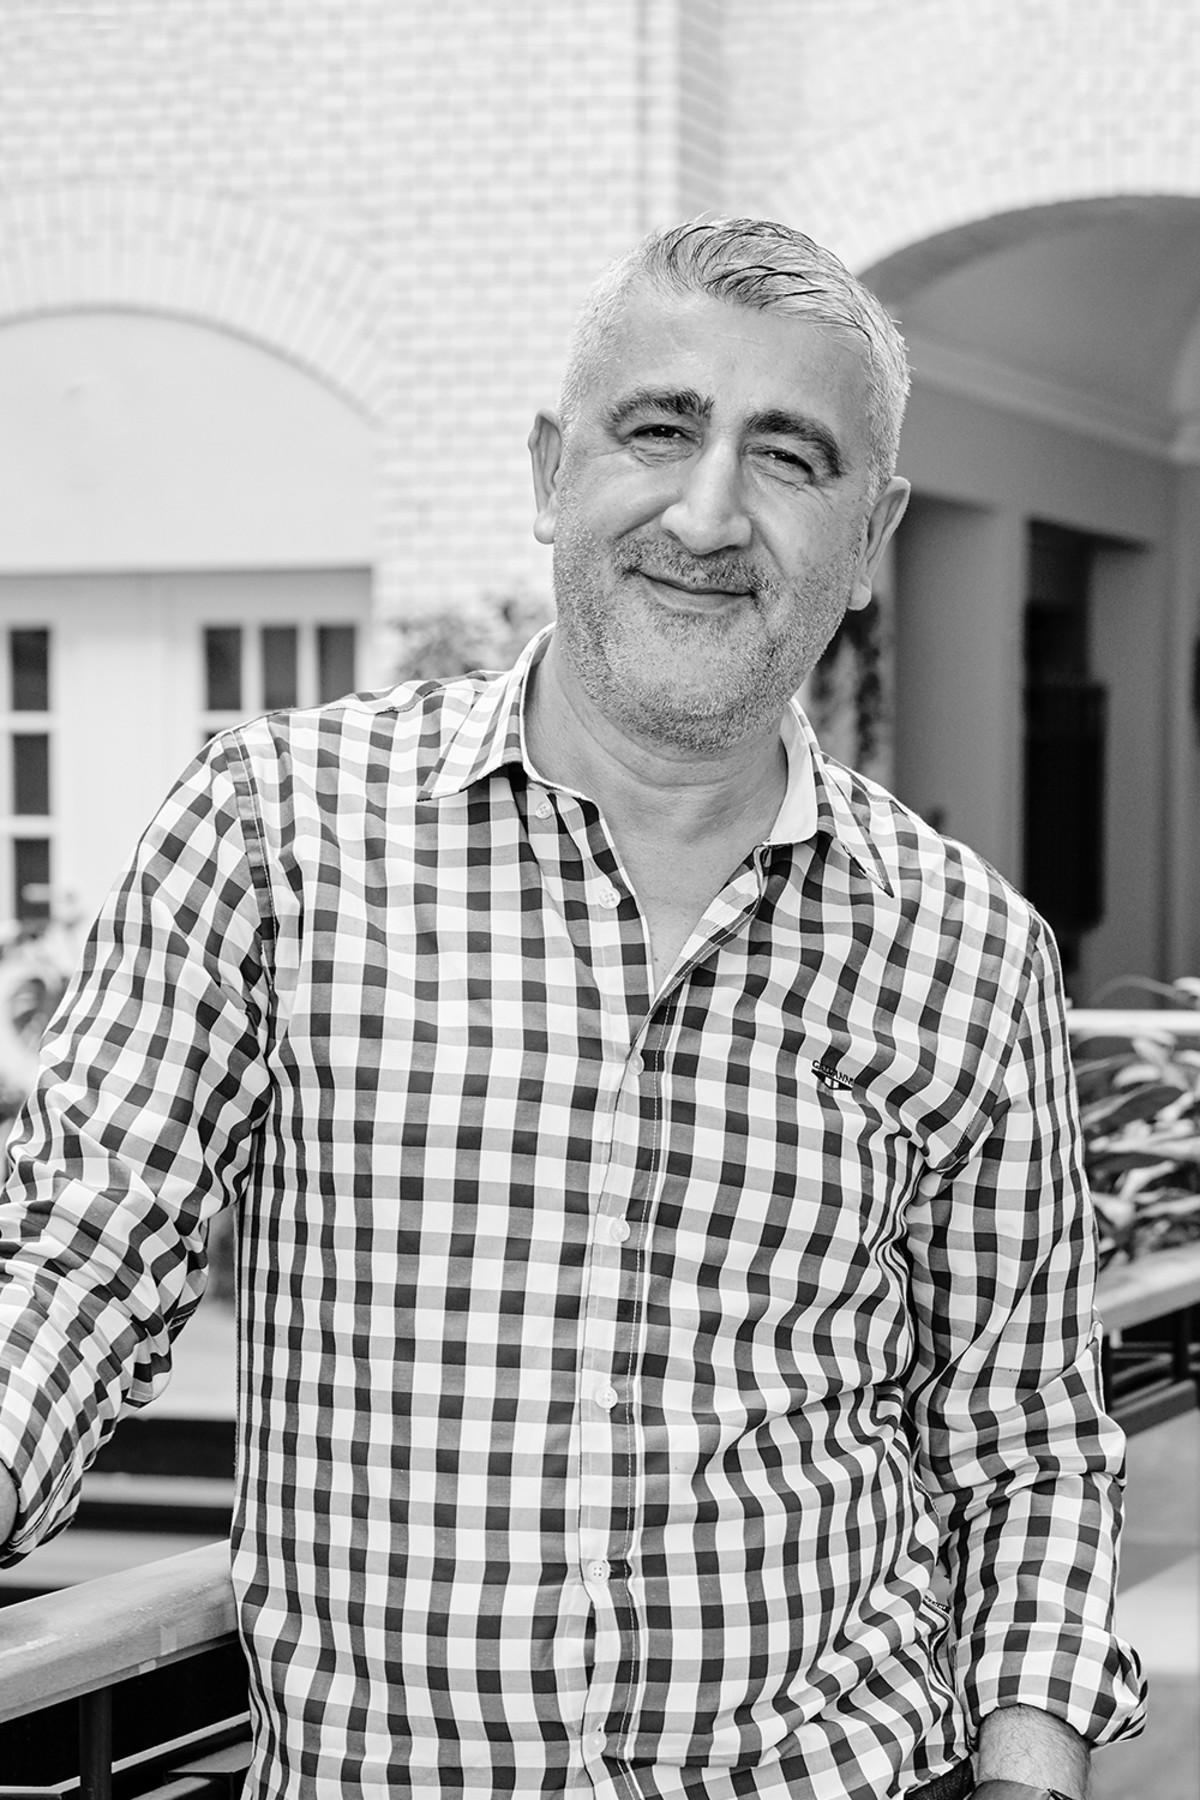 Ihsan Colak, Evernest, Immobilienmakler, Berlin